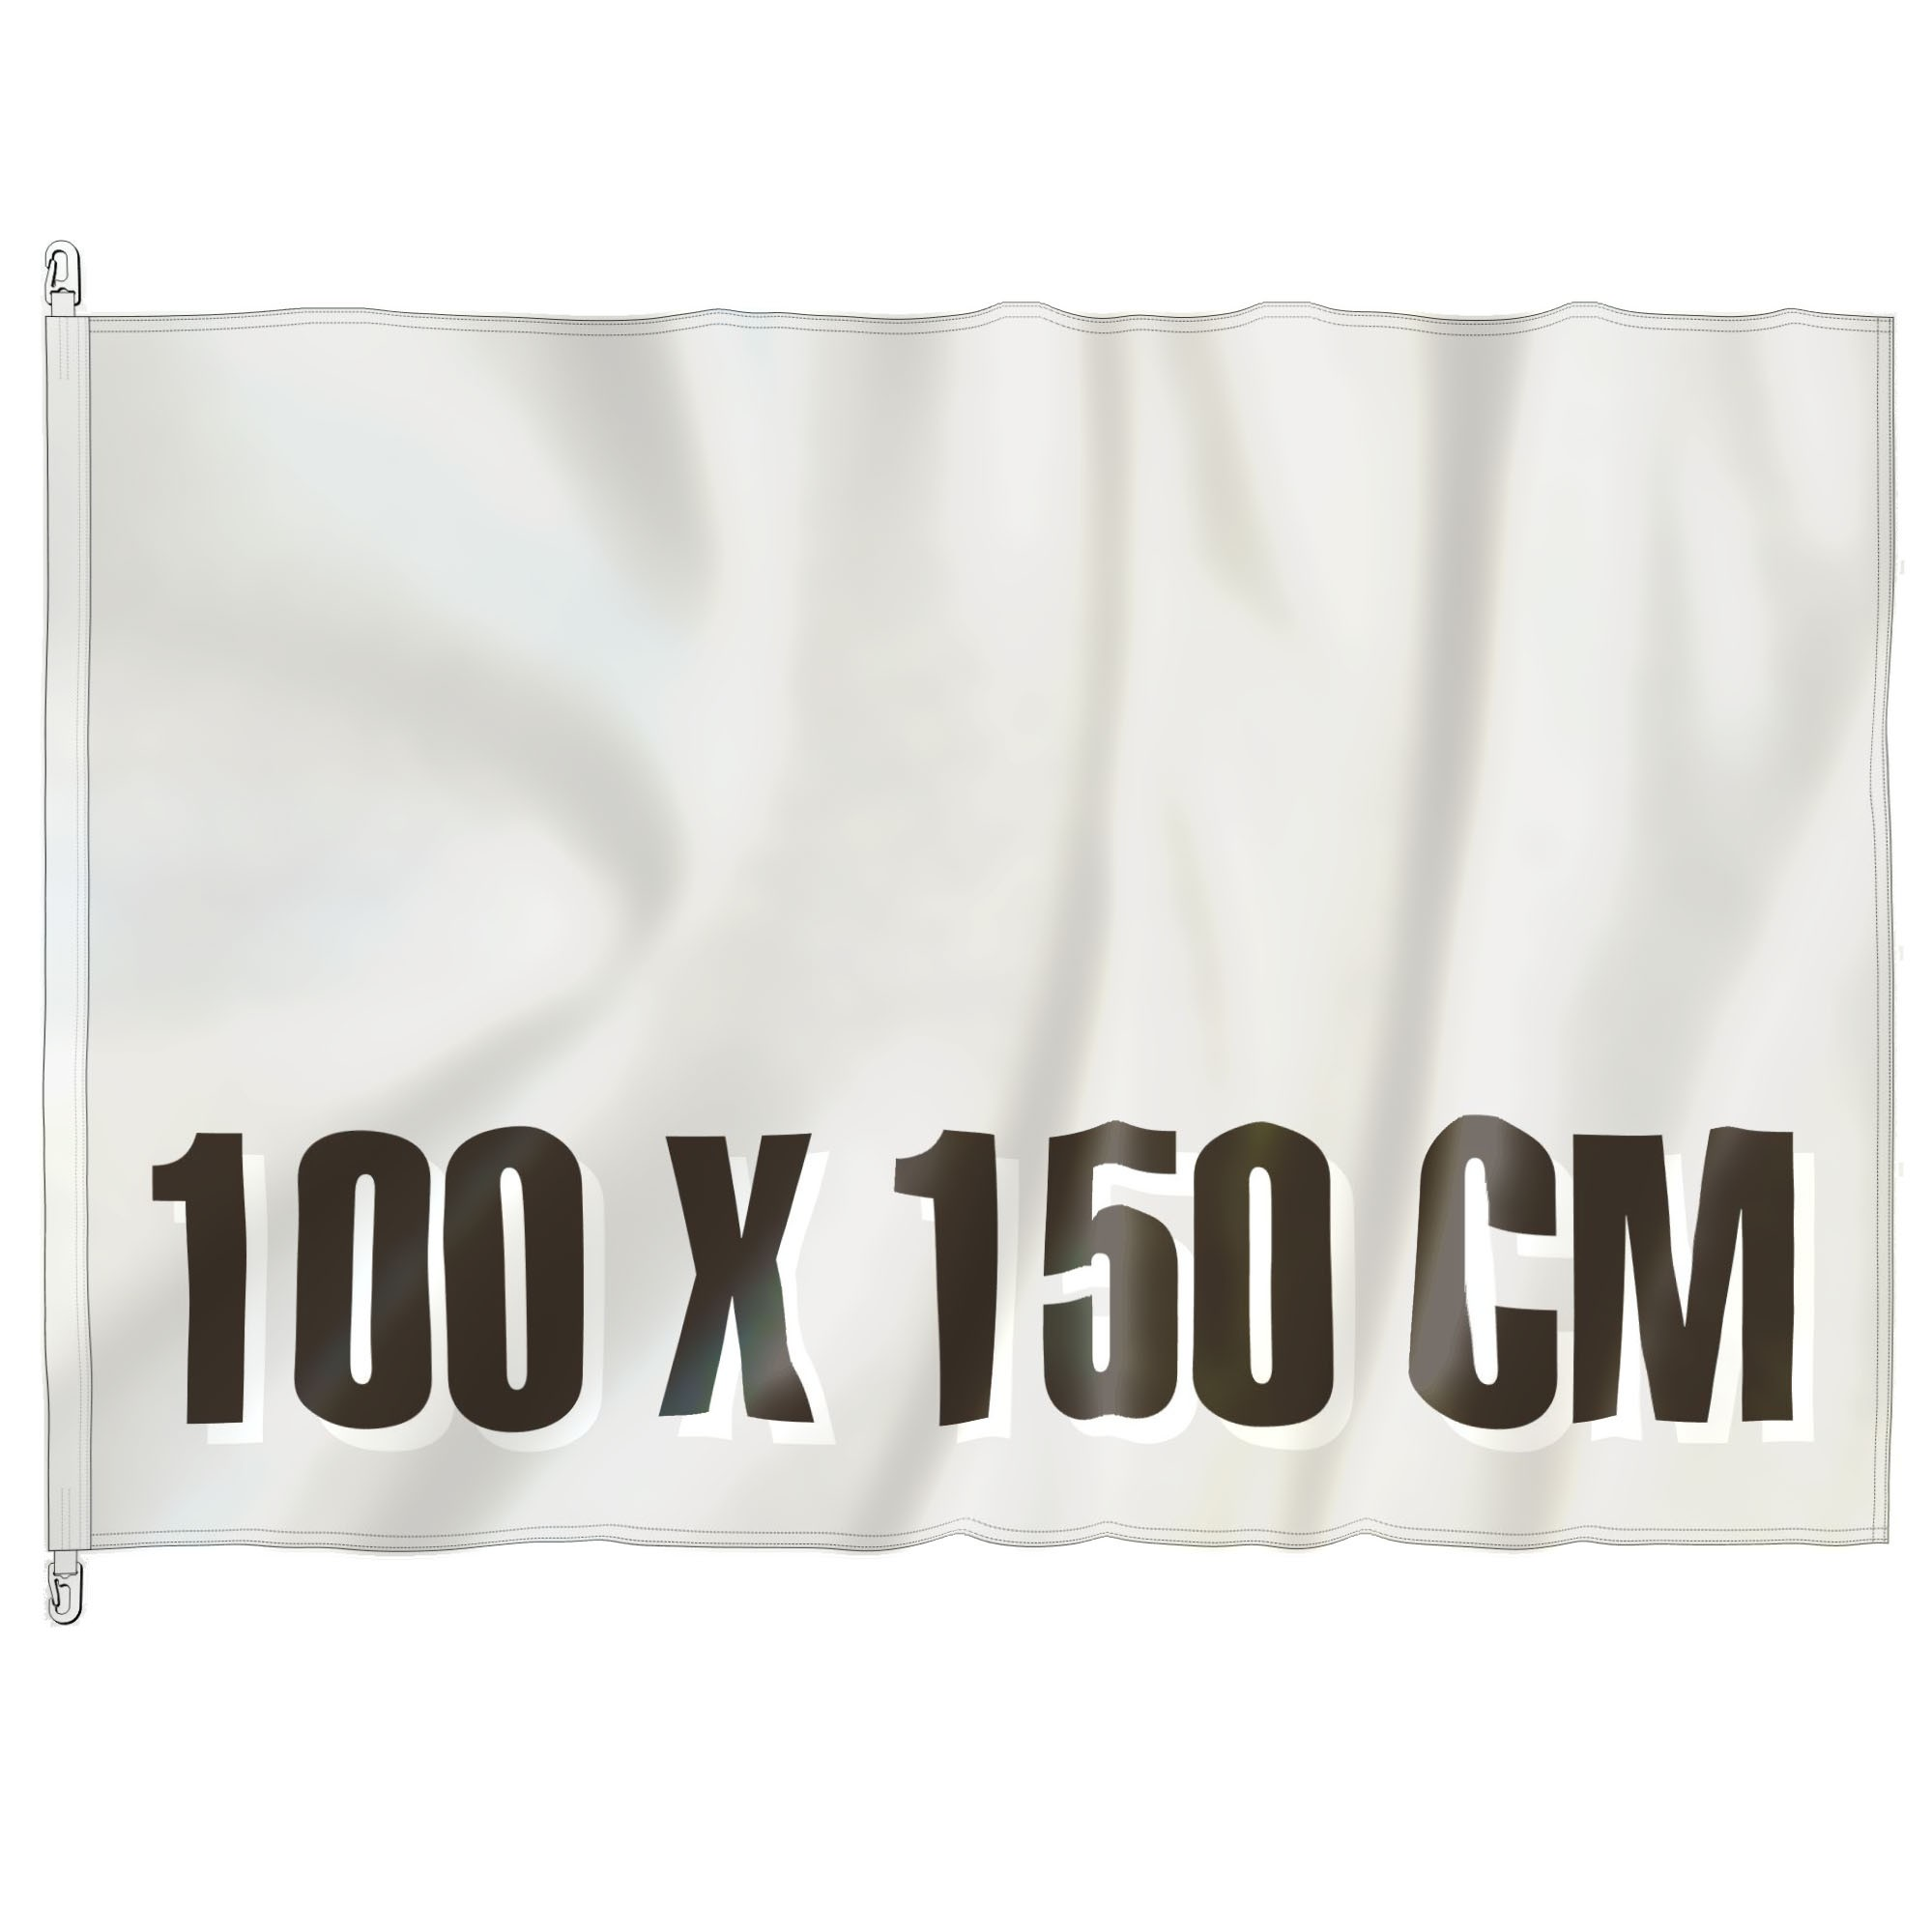 Mast Vlag 100 cm x 150 cm, fullcolor, glanspolyester 120 gr/m2